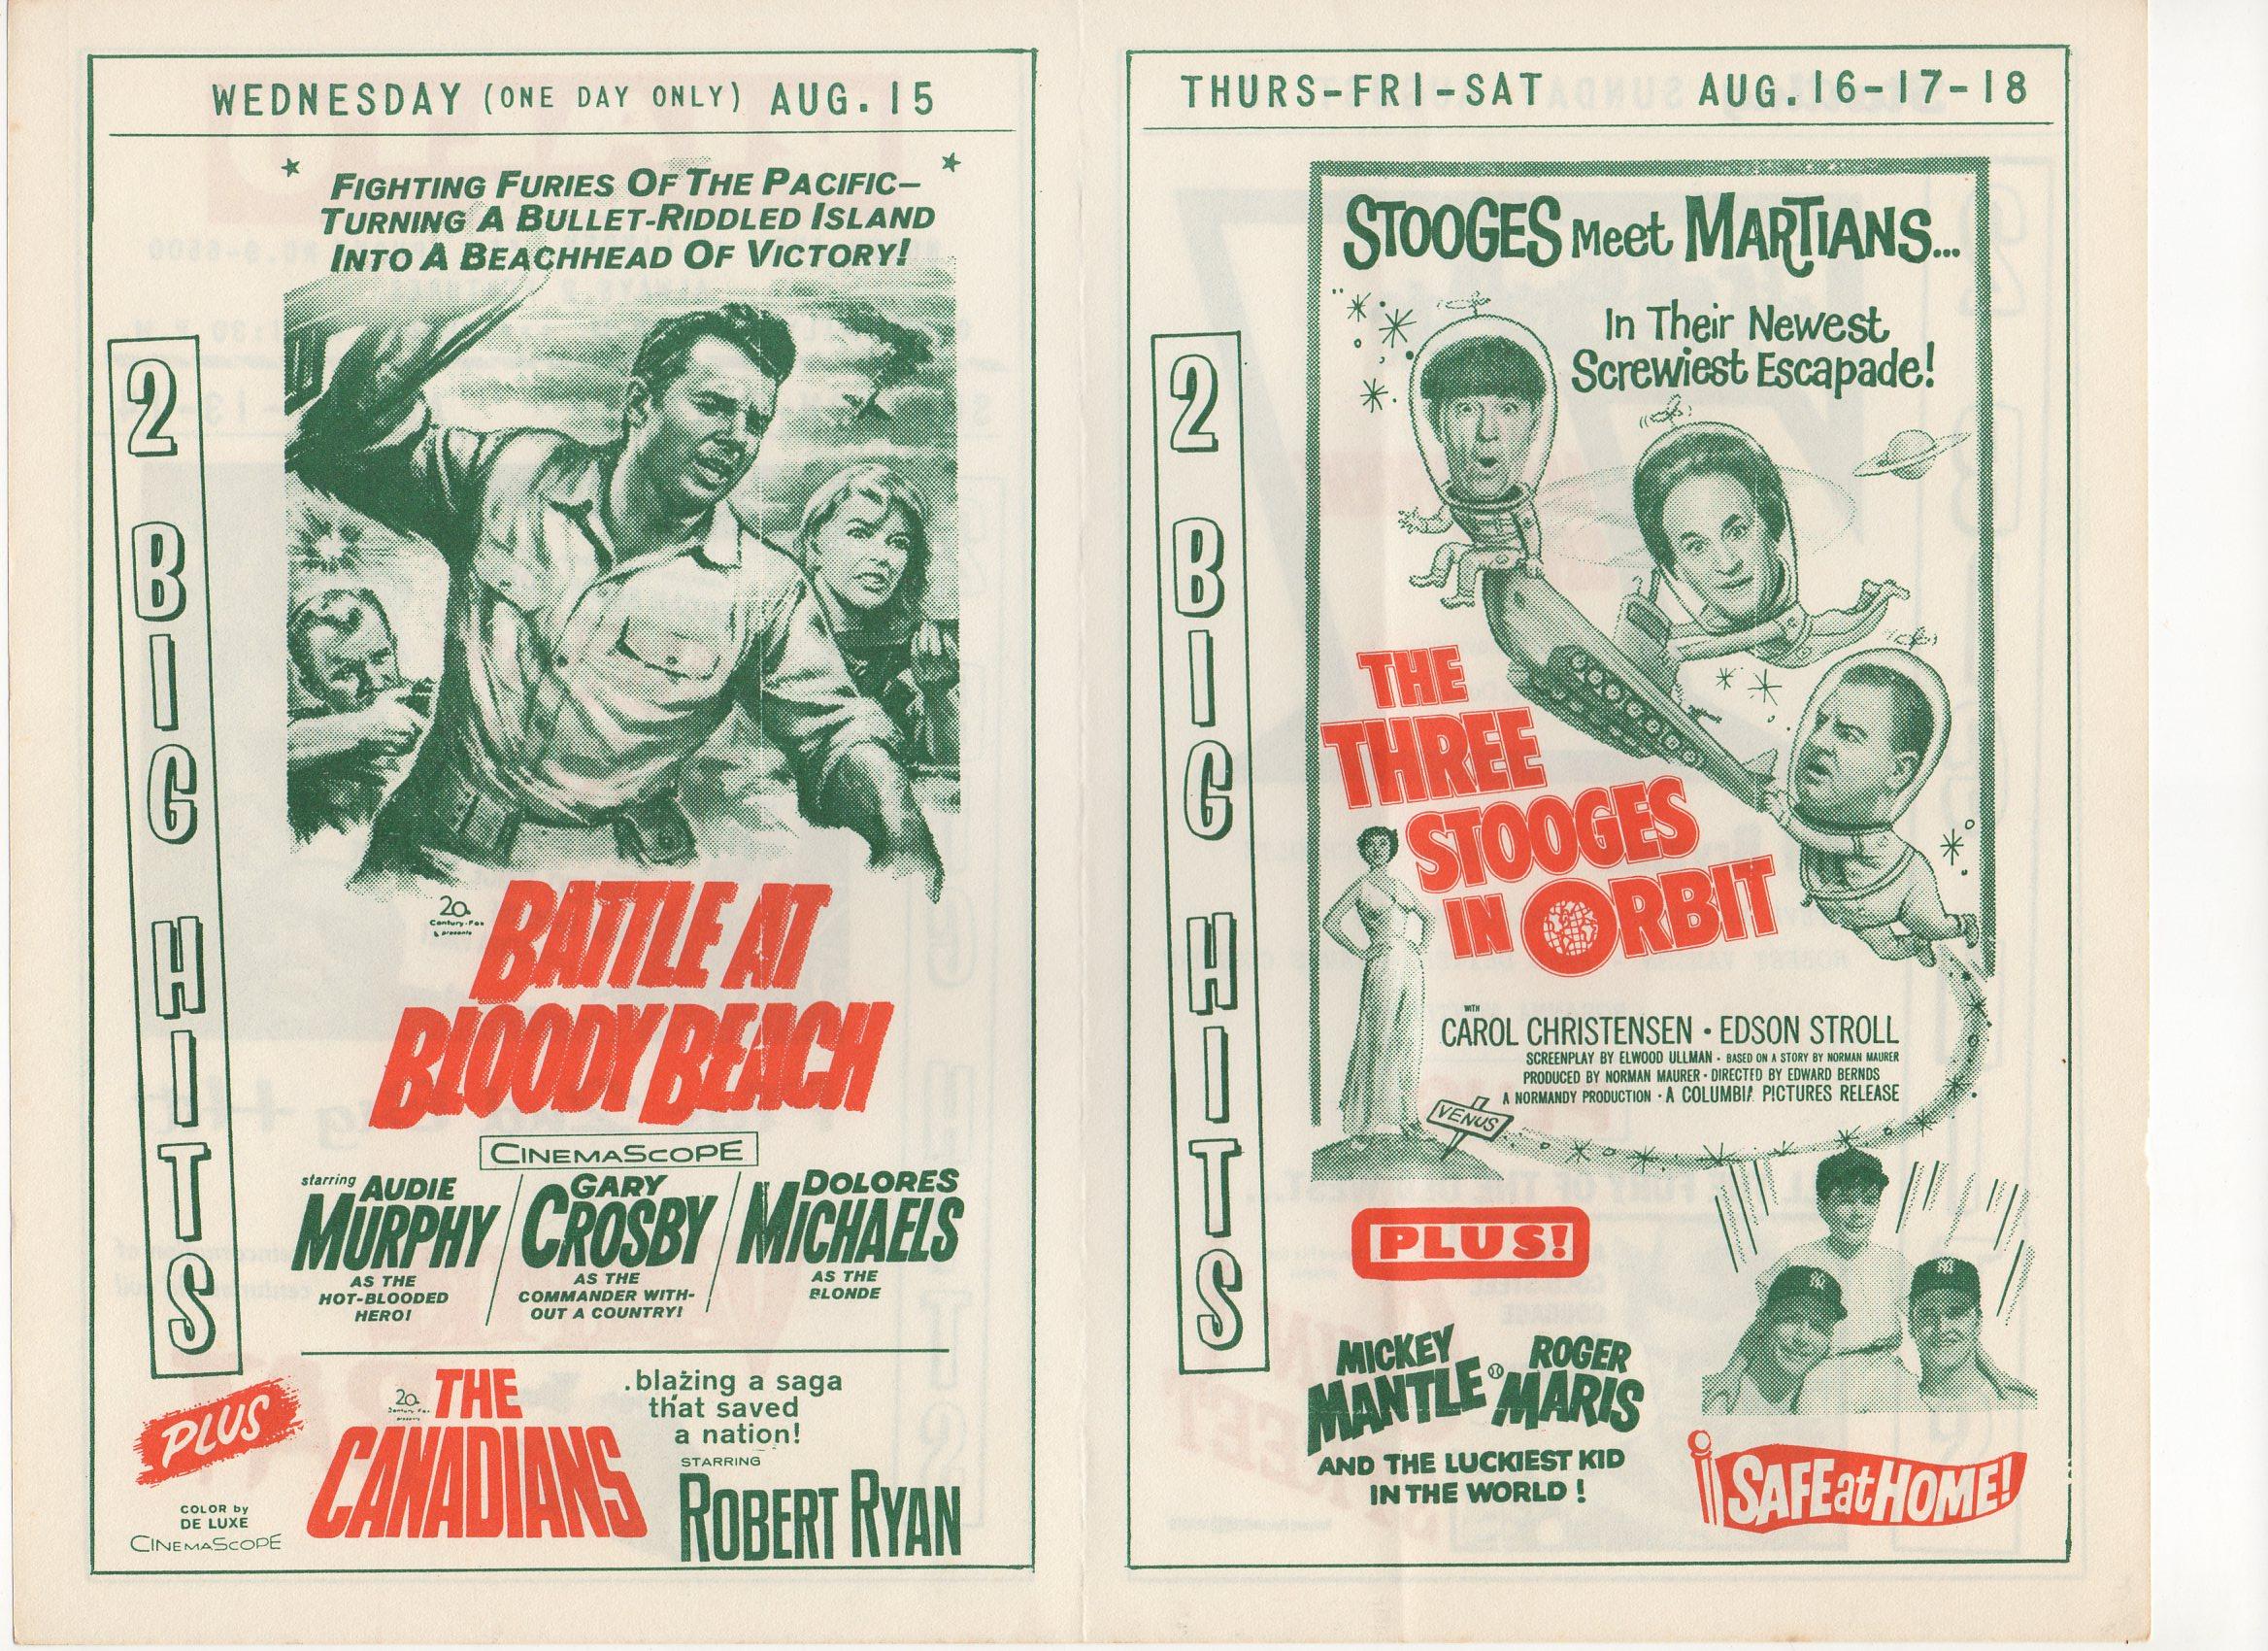 1961 rialto theatre 08/16-18